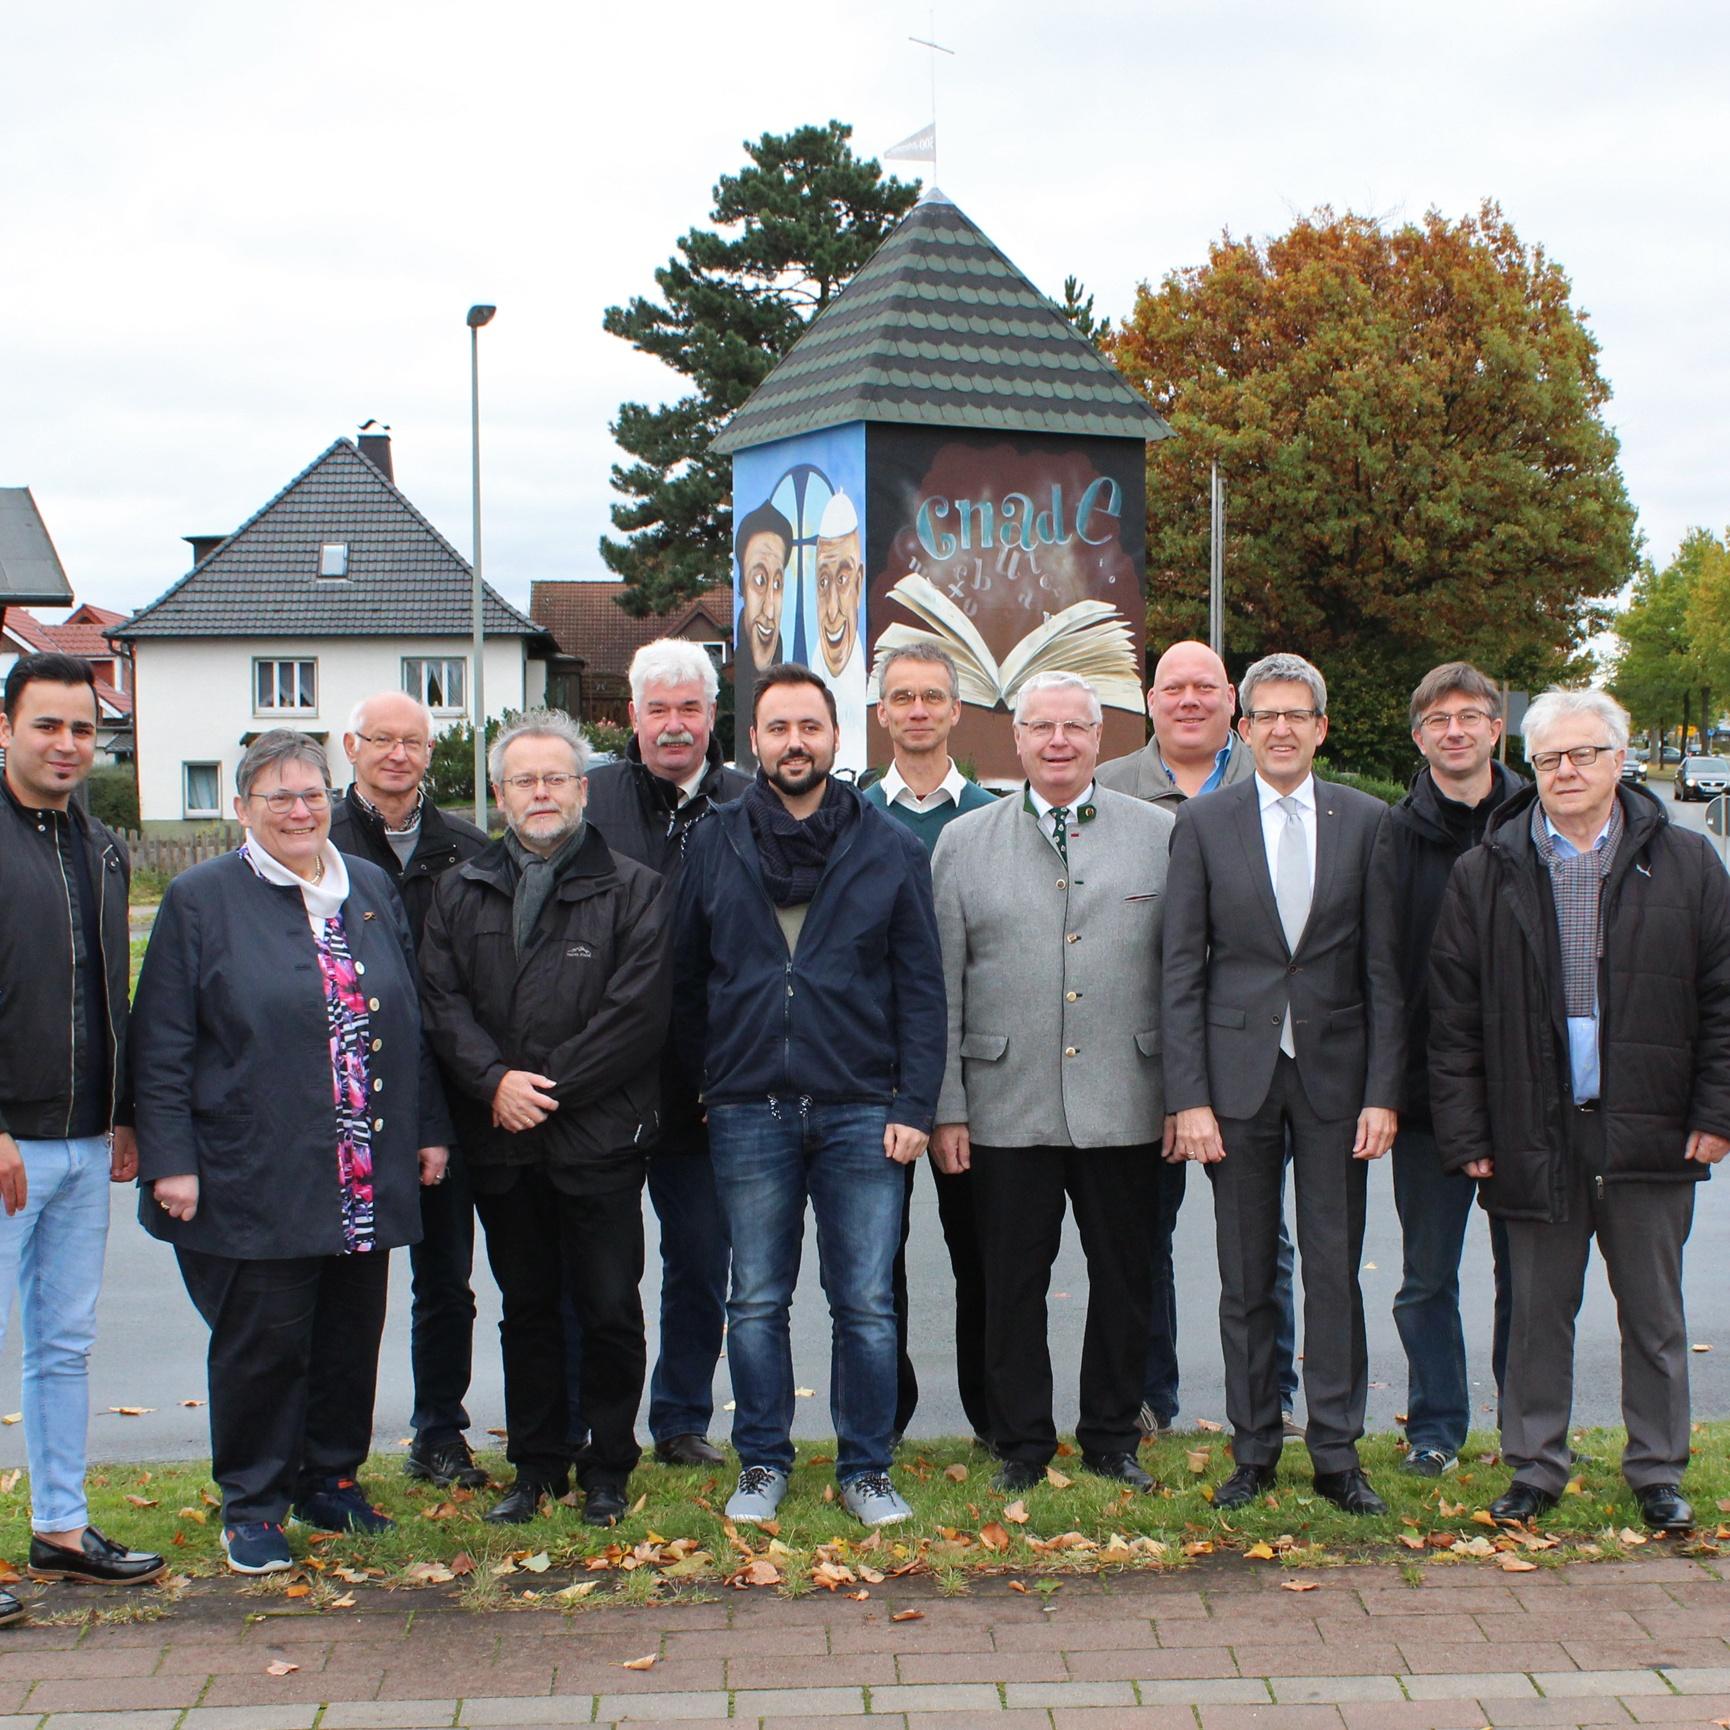 Evangelische Kirchengemeinde Salzkotten gestaltet Kreisel Reformation als Graffiti-Kunst